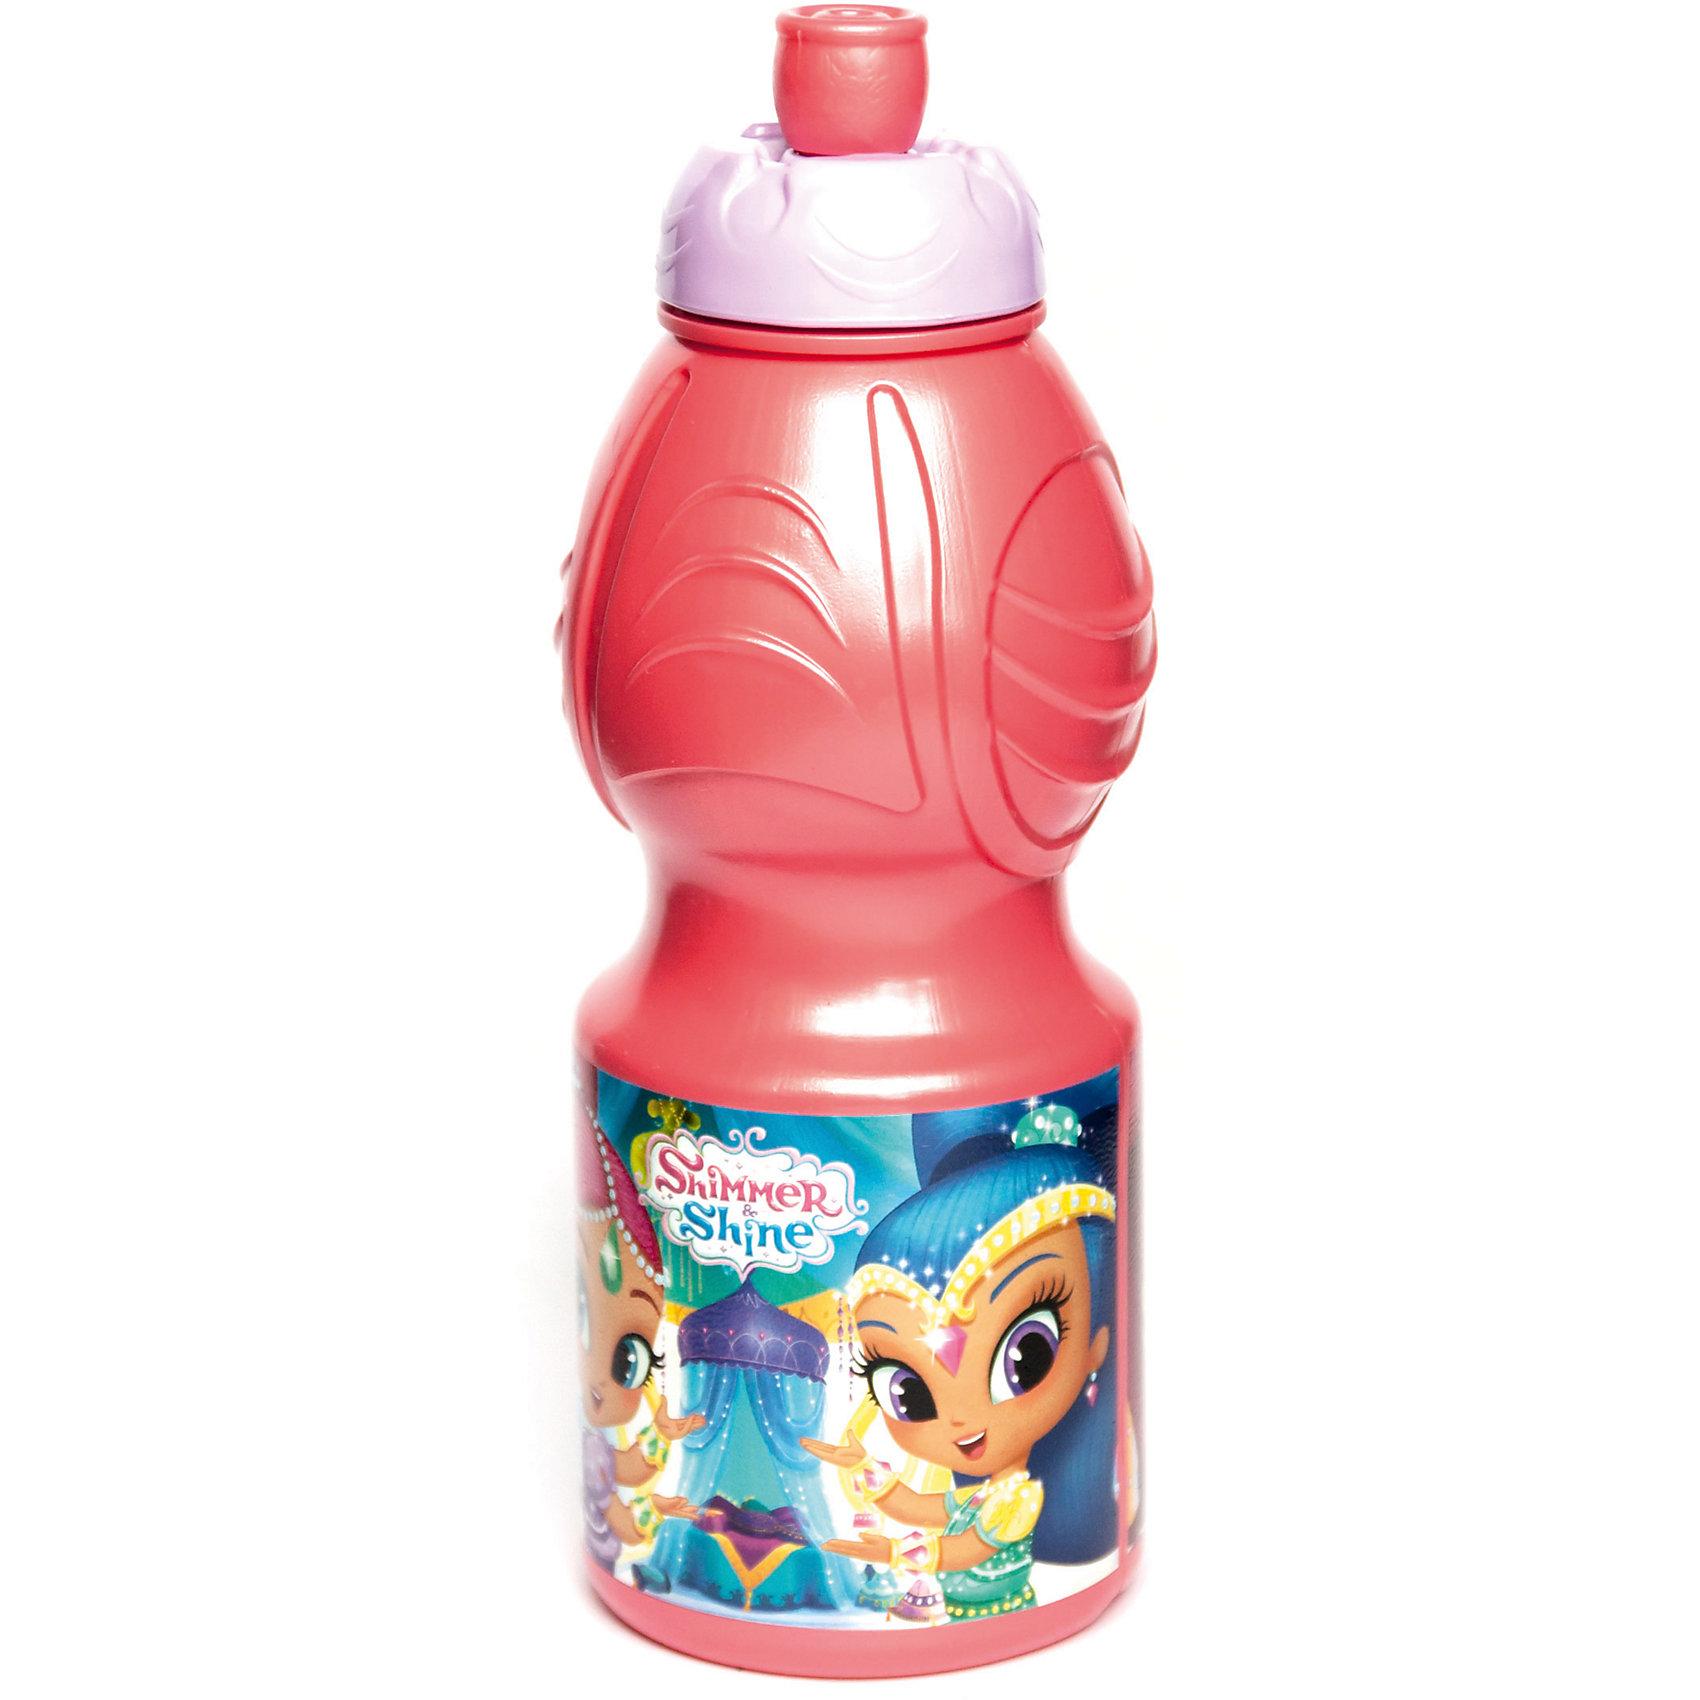 Бутылка пластиковая 400 мл., Shimmer &amp; ShineБутылки для воды и бутербродницы<br>Характеристики:<br><br>• возраст: от 3 лет;<br>• цвет: разноцветная, с иллюстрацией;<br>• объем: 400 мл.;<br>• дополнительные опции: с поильником;<br>• материал: пищевой пластик;<br>• высота бутылки: 18 см; <br>• ширина бутылки: 6,5 см;<br>• вес: 50 г.<br>   <br>Красочная спортивная бутылочка для детей изготовлена из пищевого пластика. Горлышко снабжено специальным выдвижным поильником. Бутылка имеет суженую к середине форму, удобную для детской руки.<br><br>Бутылка легко помещается в спортивную сумку, рюкзак или велосипедный держатель. Можно использовать с любыми видами пищевых жидкостей.<br><br>На бутылочке изображены любимые детские персонажи. <br><br>Бутылку пластиковую 400 мл., Shimmer &amp; Shine, Stor можно приобрести в нашем интернет-магазине.<br><br>Ширина мм: 65<br>Глубина мм: 65<br>Высота мм: 180<br>Вес г: 52<br>Возраст от месяцев: 36<br>Возраст до месяцев: 2147483647<br>Пол: Унисекс<br>Возраст: Детский<br>SKU: 7010329